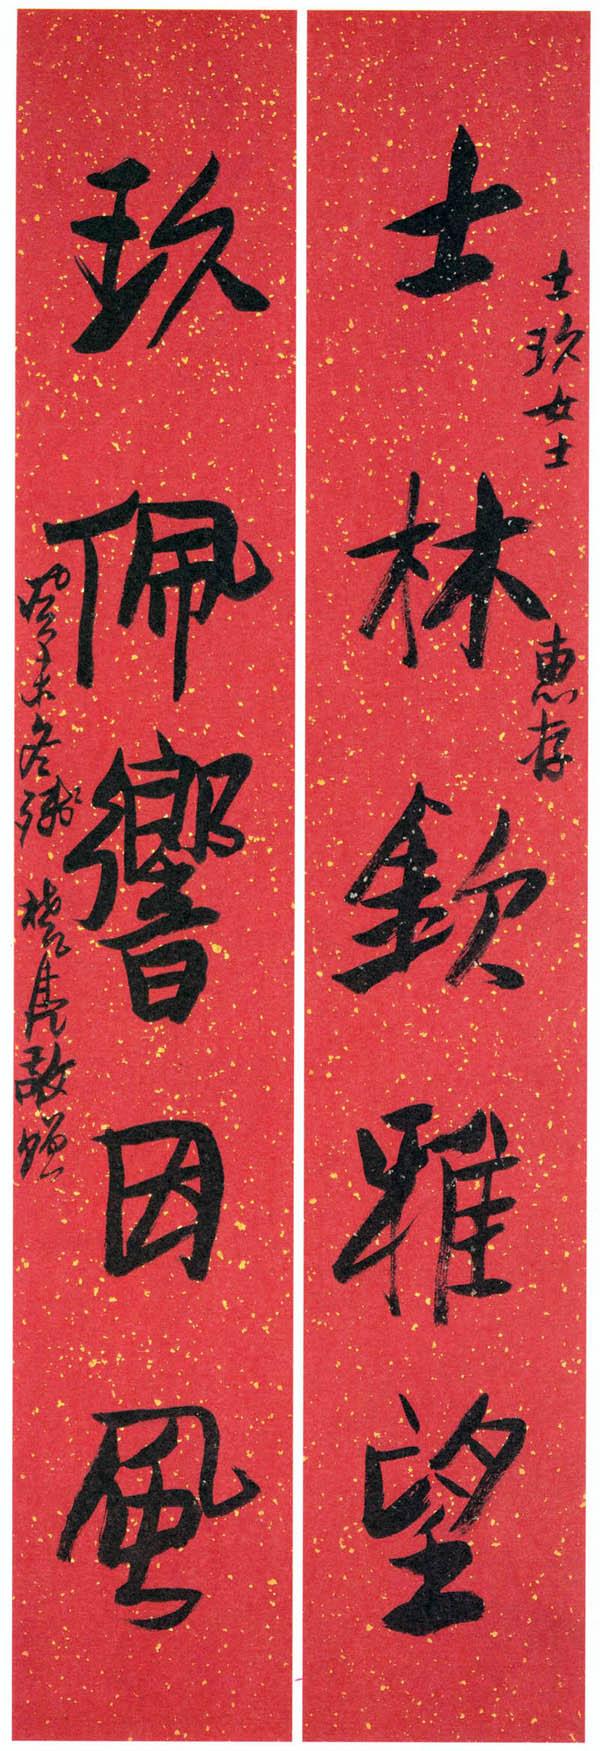 来楚生《士玖嵌名五言联》纸本行书 上海书画出版社藏